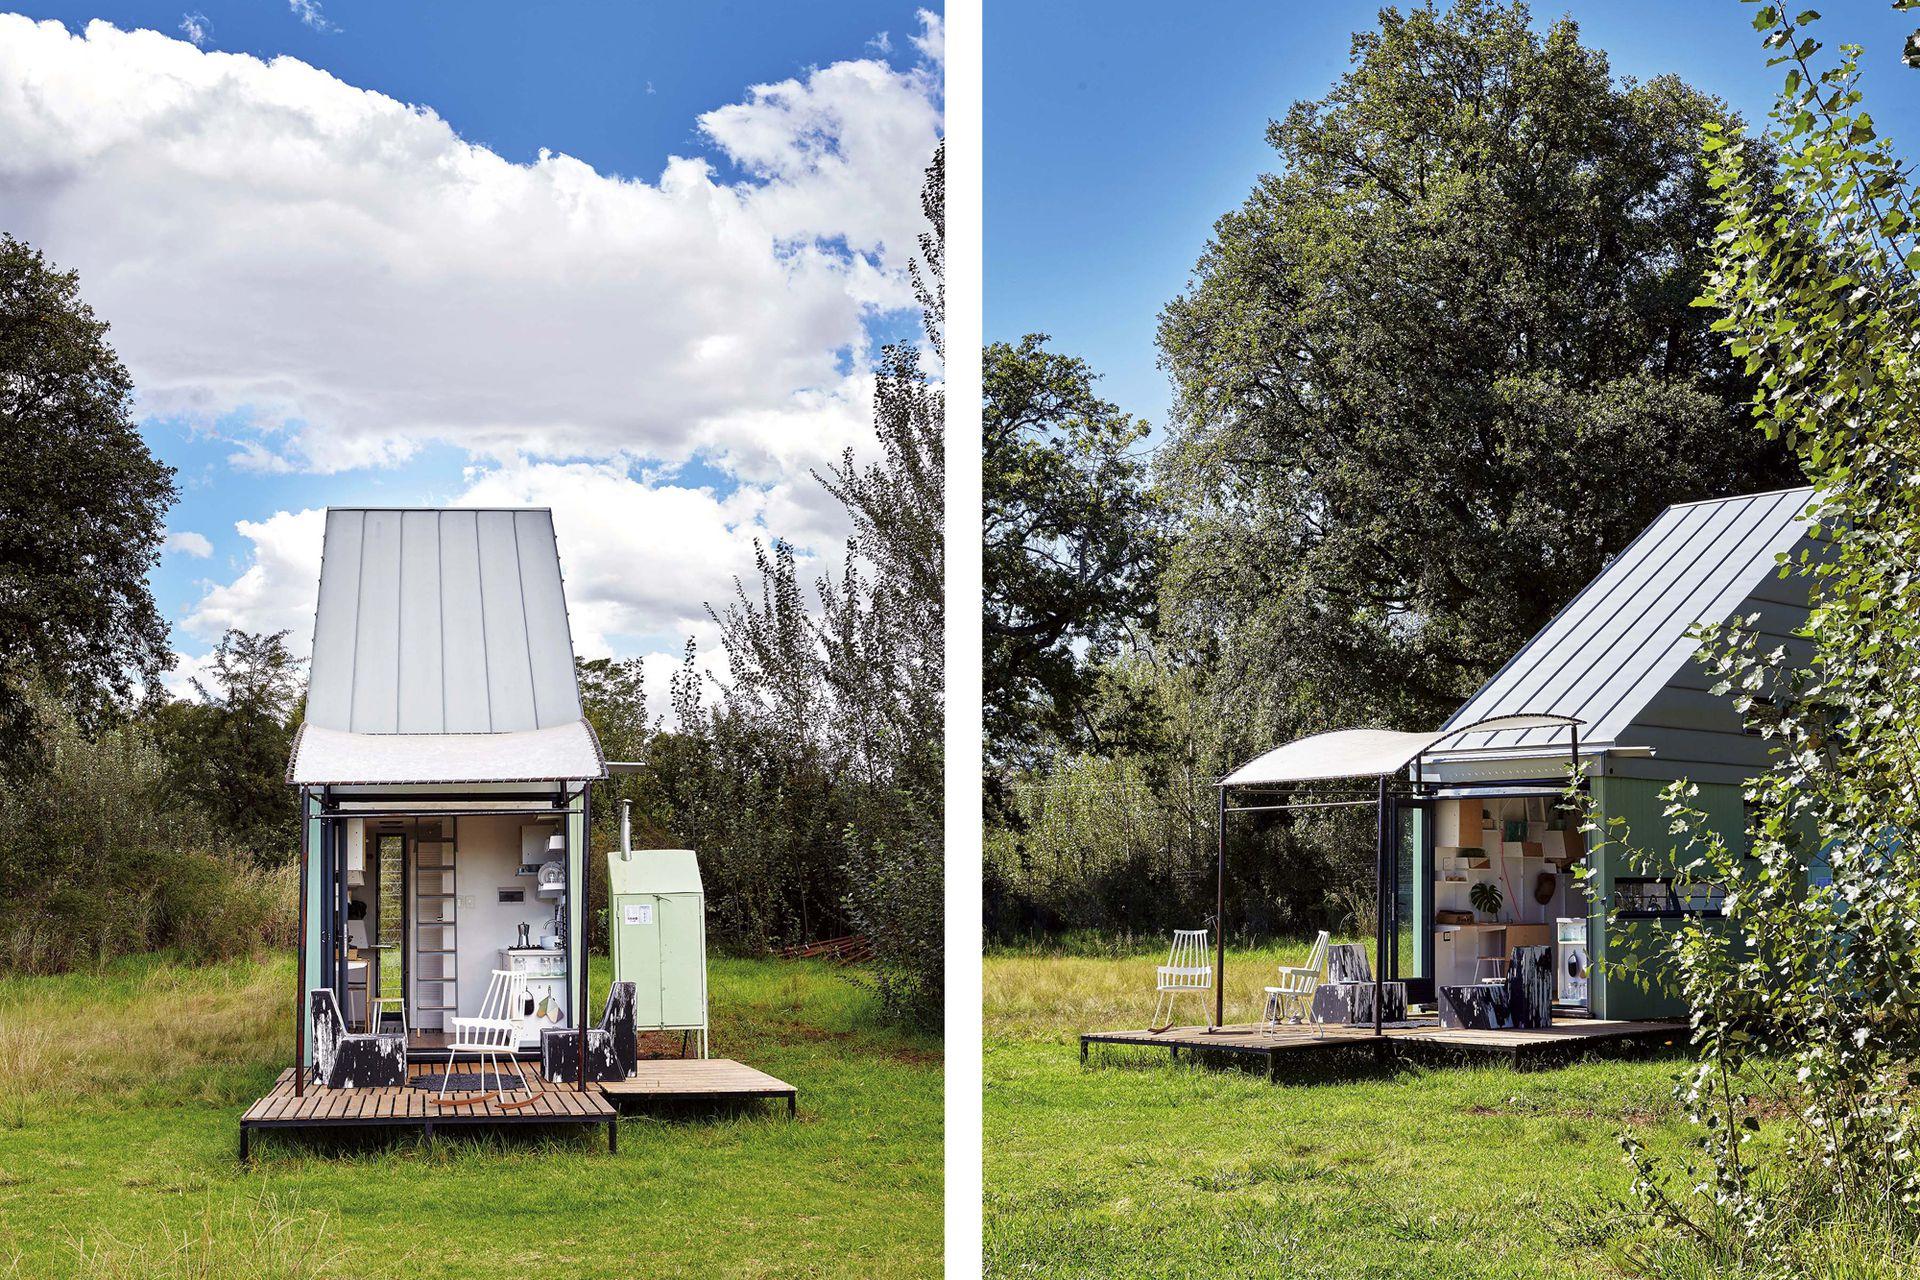 El deck de madera –dividido en módulos– se puede ubicar de distintas maneras, según el espacio disponible en el terreno.